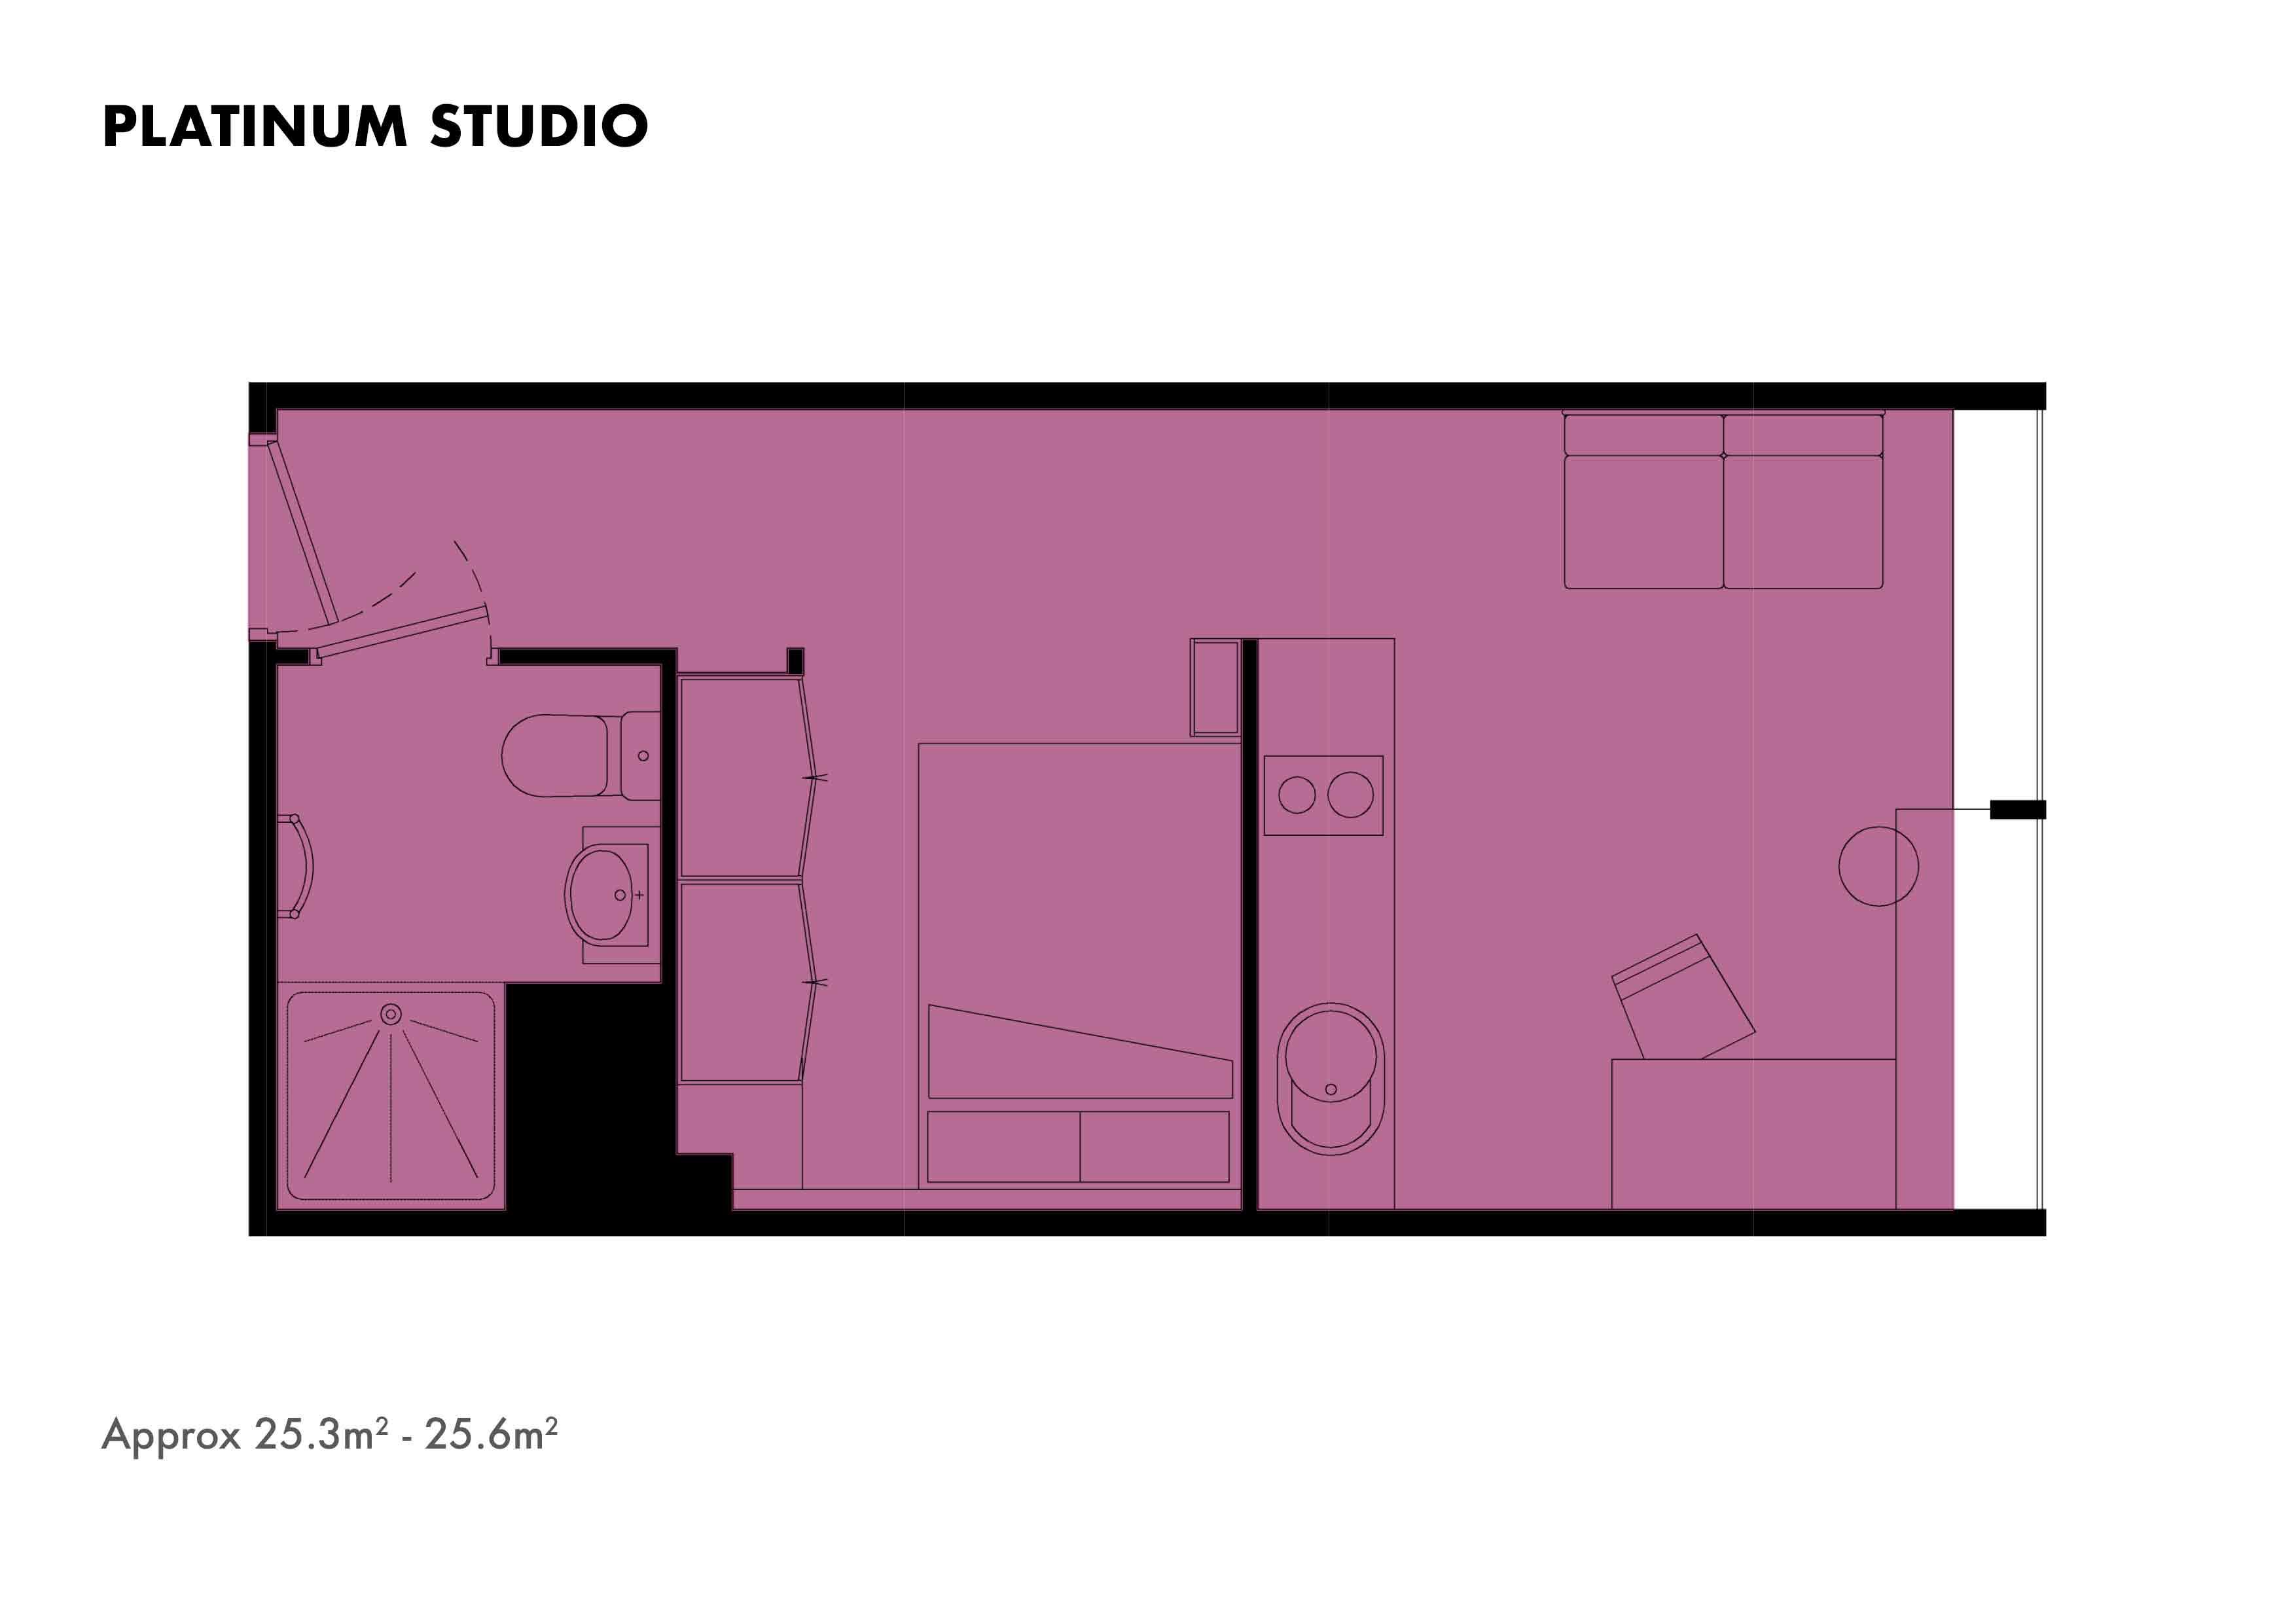 Platinum Studio floorplans